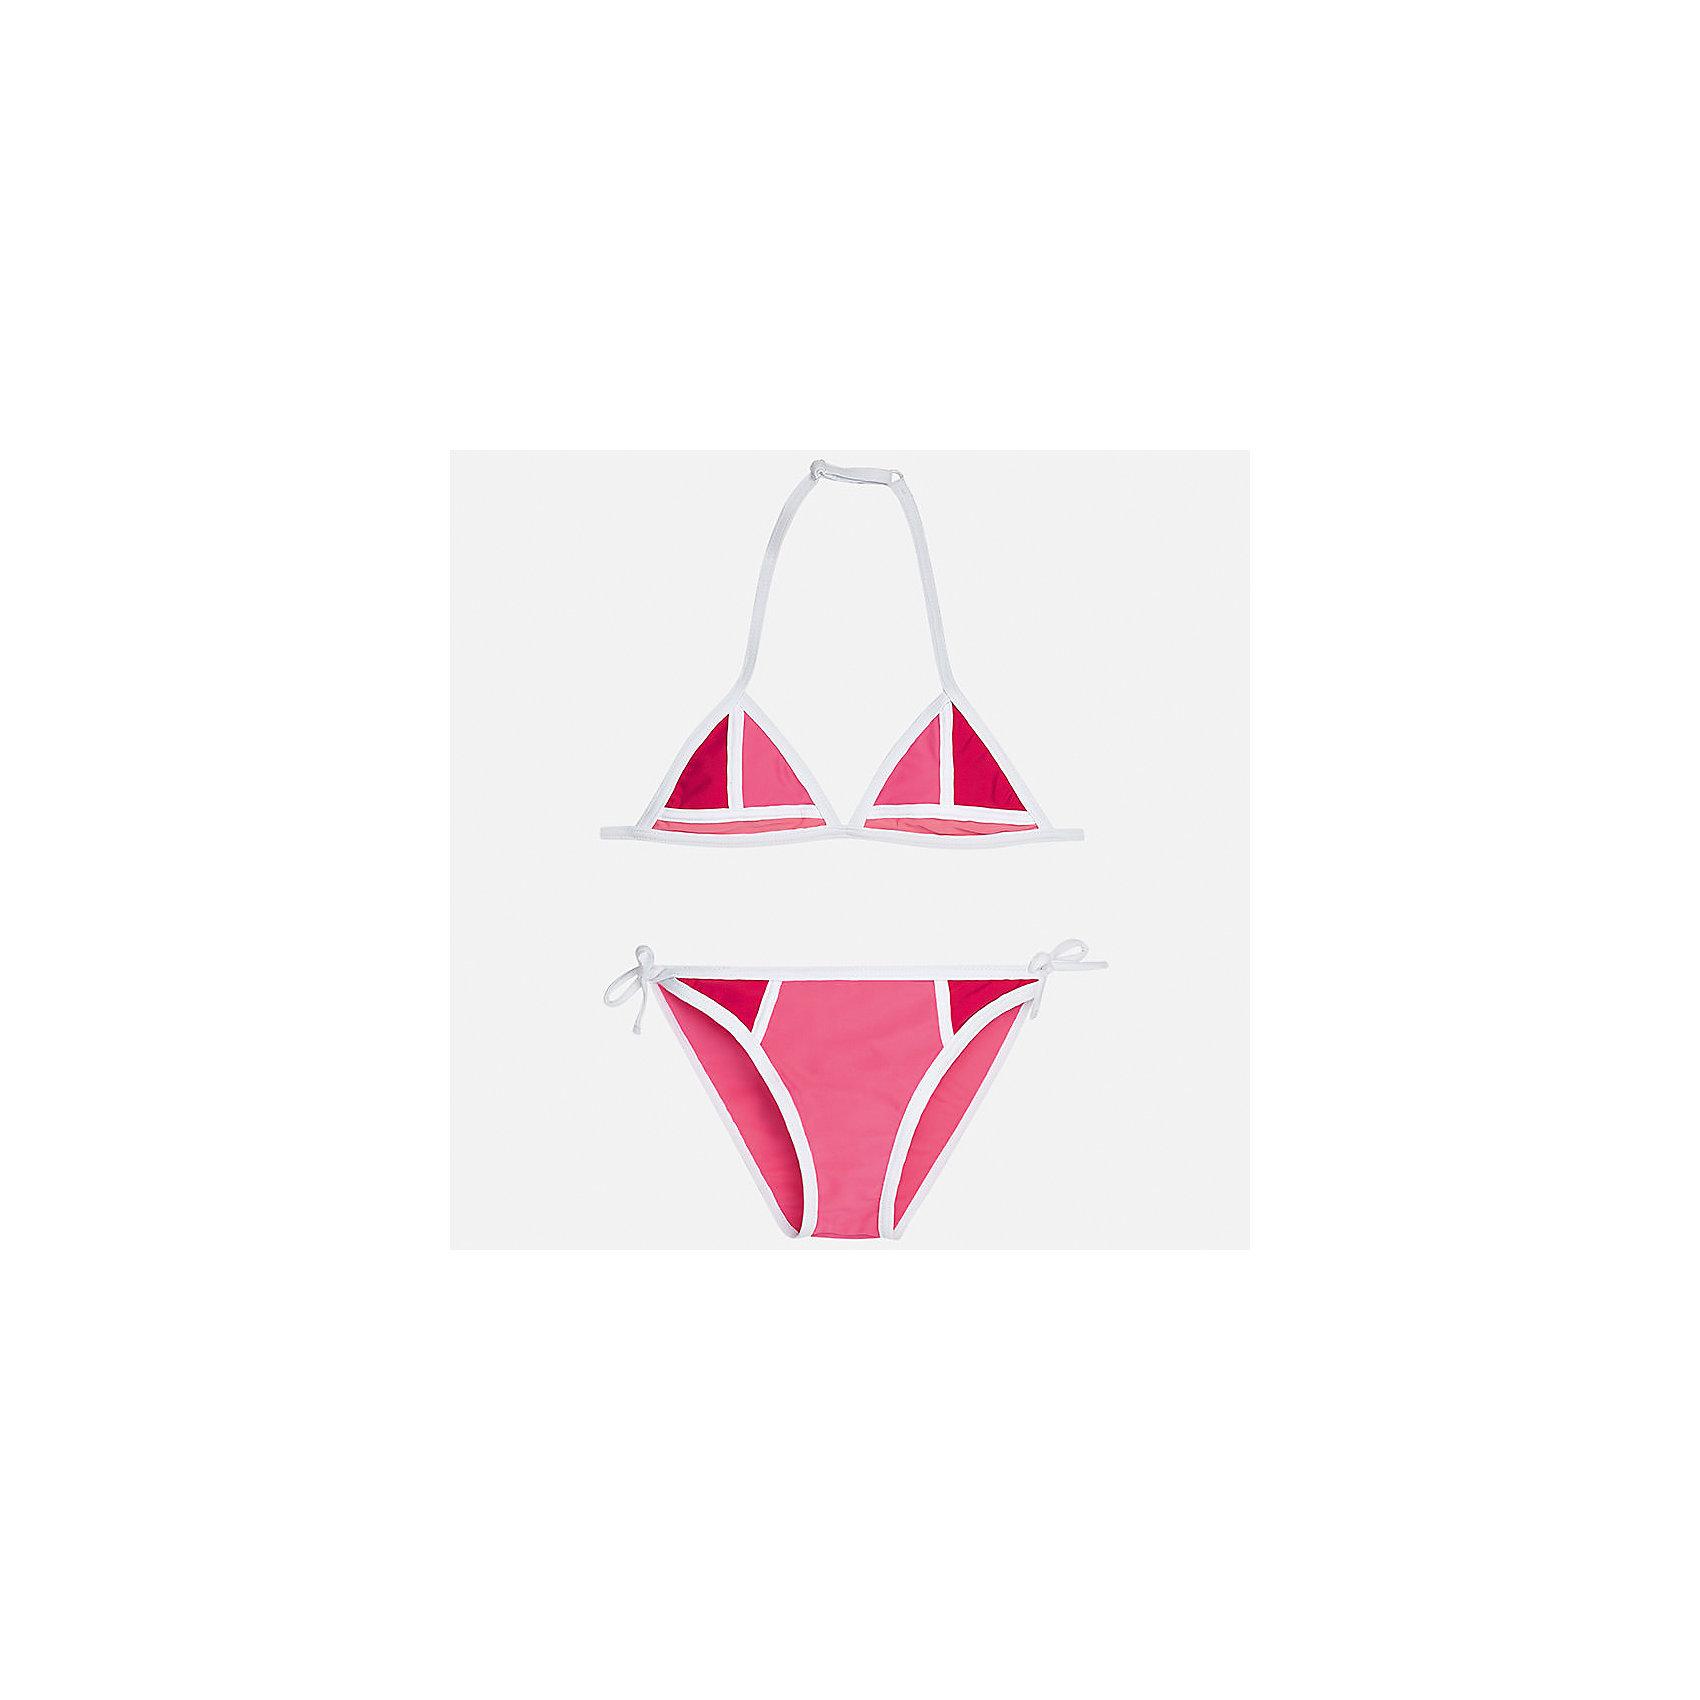 Купальник раздельный для девочки MayoralКупальники и плавки<br>Характеристики товара:<br><br>• цвет: розовый<br>• состав: верх - 80% полиамид, 20% эластан, подкладка - 96% полиамид, 4% эластан<br>• комбинированный материал <br>• тип: раздельный, 2 предмета<br>• регулируется размер<br>• быстросохнущий материал<br>• страна бренда: Испания<br><br>Одежда для купания должна быть удобной! Этот купальник для девочки не только хорошо сидит на ребенке, не стесняя движения и не натирая, он отлично смотрится! Предметы сшиты из плотной ткани, но она очень быстро высыхает. Интересная отделка модели делает её нарядной и оригинальной. <br><br>Одежда, обувь и аксессуары от испанского бренда Mayoral полюбились детям и взрослым по всему миру. Модели этой марки - стильные и удобные. Для их производства используются только безопасные, качественные материалы и фурнитура. Порадуйте ребенка модными и красивыми вещами от Mayoral! <br><br>Купальник для девочки от испанского бренда Mayoral (Майорал) можно купить в нашем интернет-магазине.<br><br>Ширина мм: 183<br>Глубина мм: 60<br>Высота мм: 135<br>Вес г: 119<br>Цвет: фиолетовый<br>Возраст от месяцев: 168<br>Возраст до месяцев: 180<br>Пол: Женский<br>Возраст: Детский<br>Размер: 170,128/134,140,152,164,158<br>SKU: 5293126